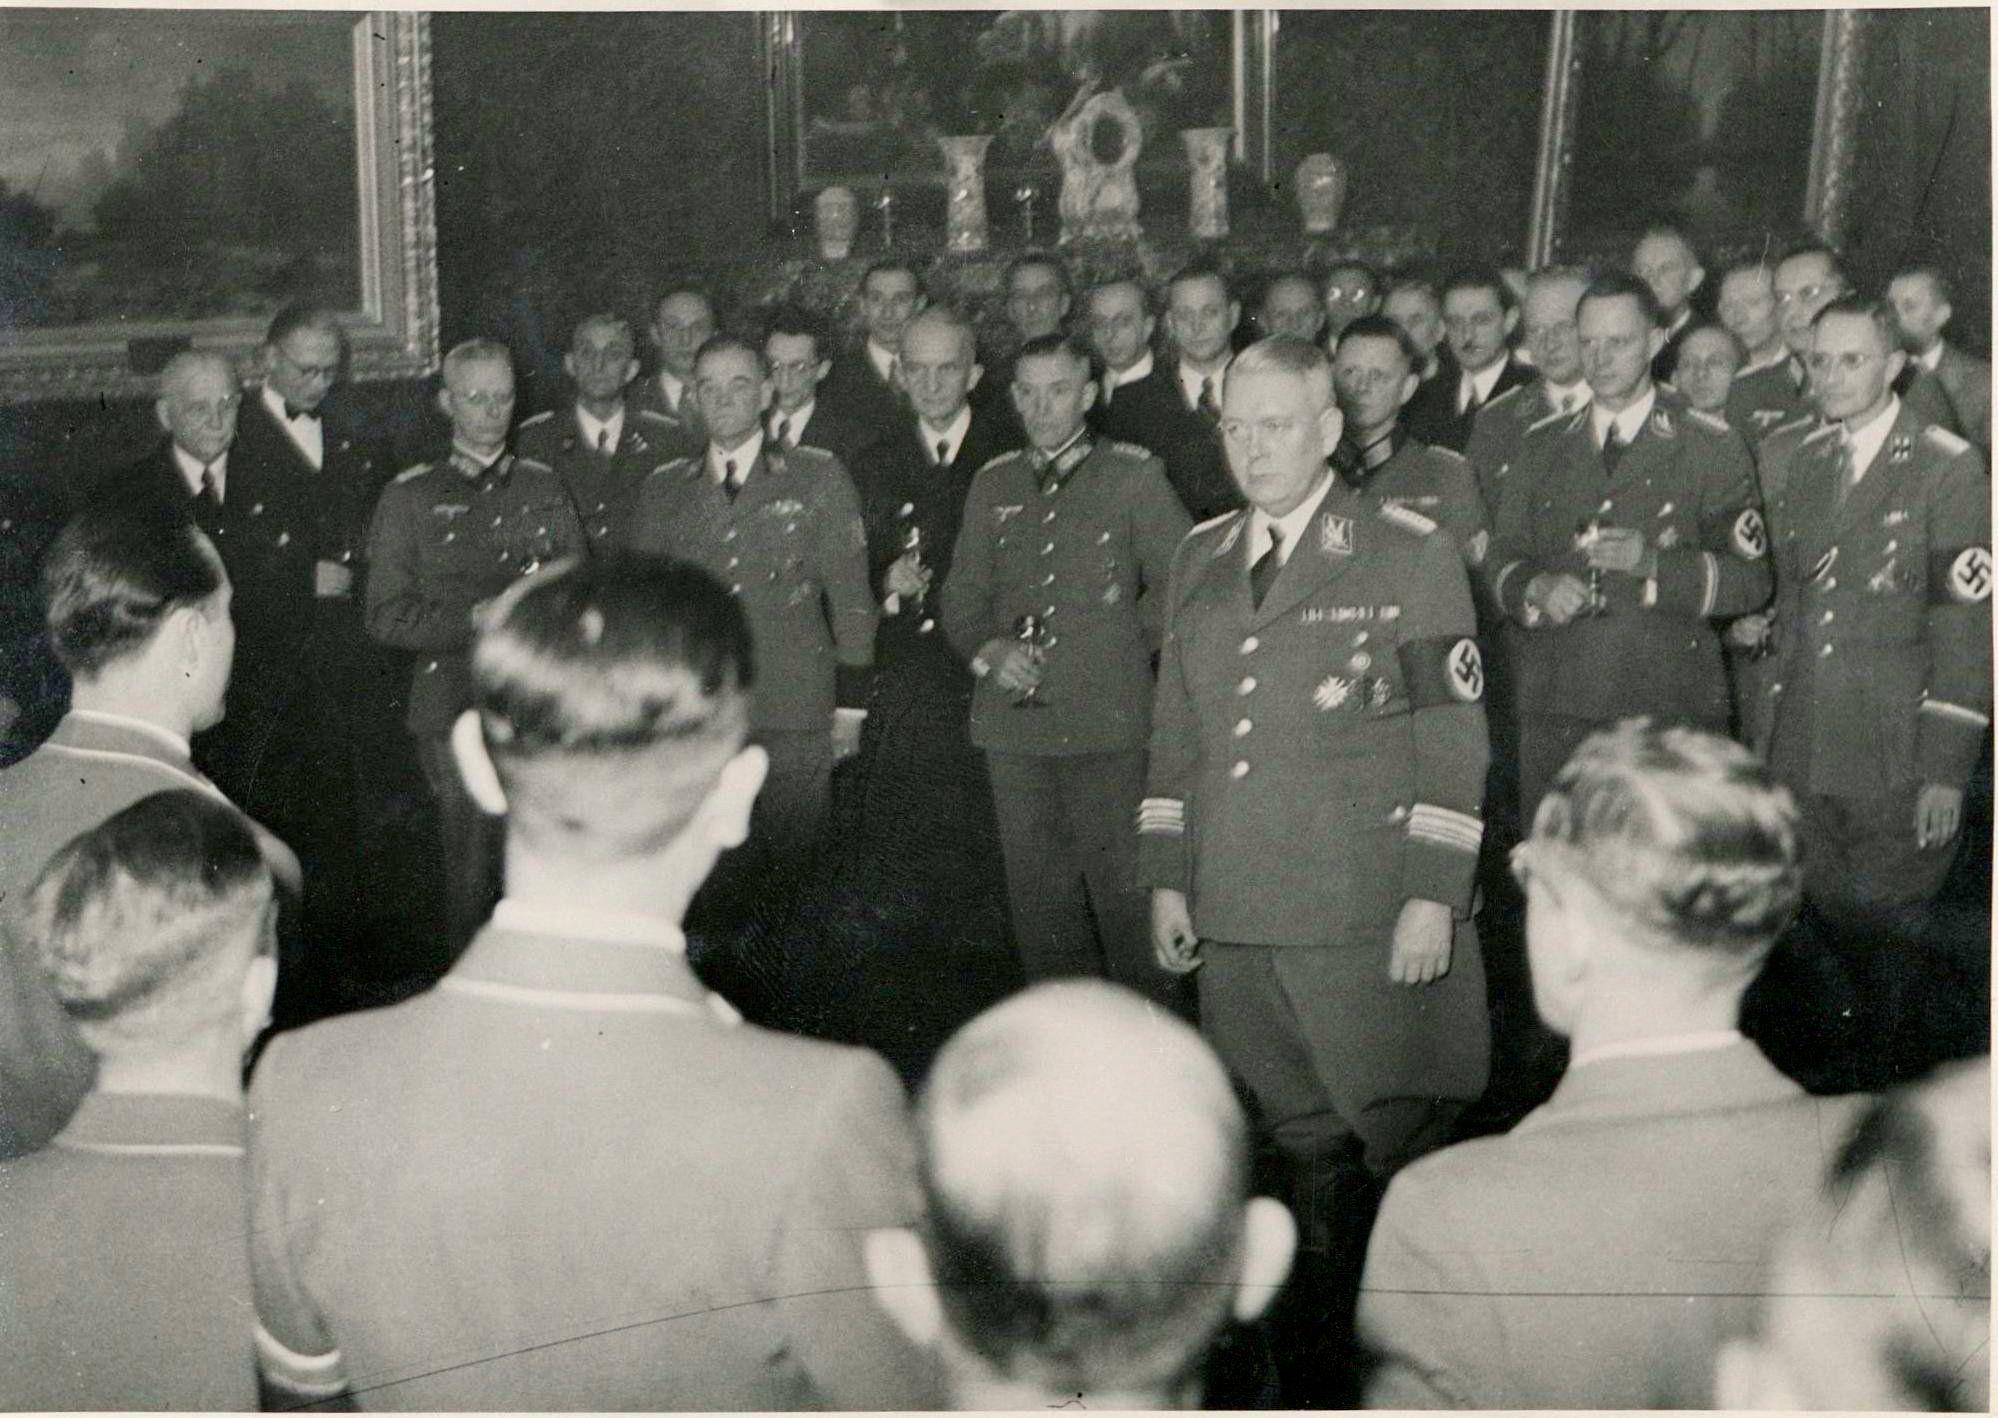 Im Kreis der Mächtigen: Polizeipräsident Johannes Schroers (erste Reihe hinten, 3. v. li.) beim Neujahrsempfang 1944 im Bremer Rathaus. Quelle: Staatsarchiv Bremen